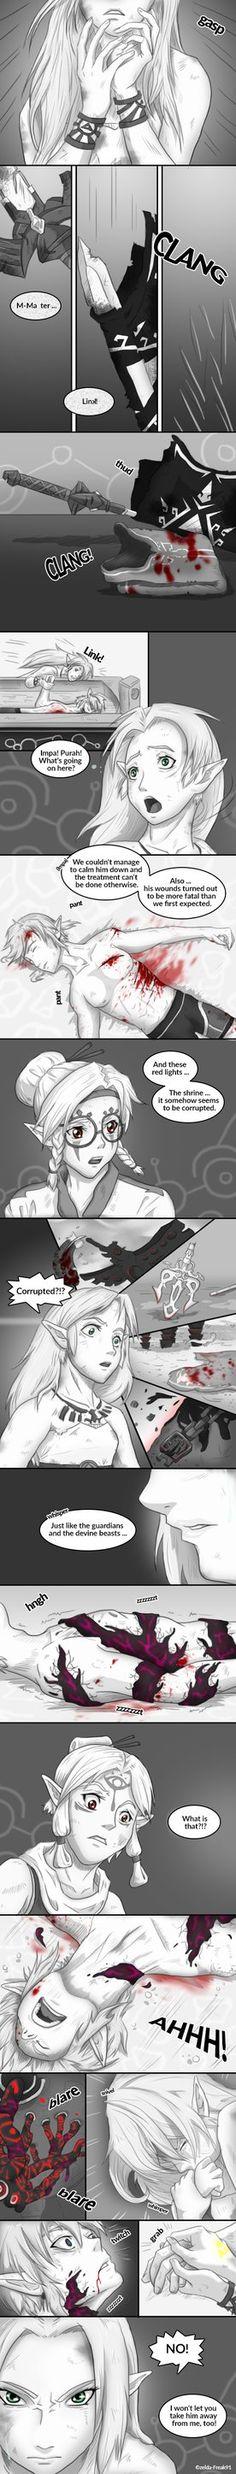 Zelda: broken - 3 by zelda-Freak91.deviantart.com on @DeviantArt